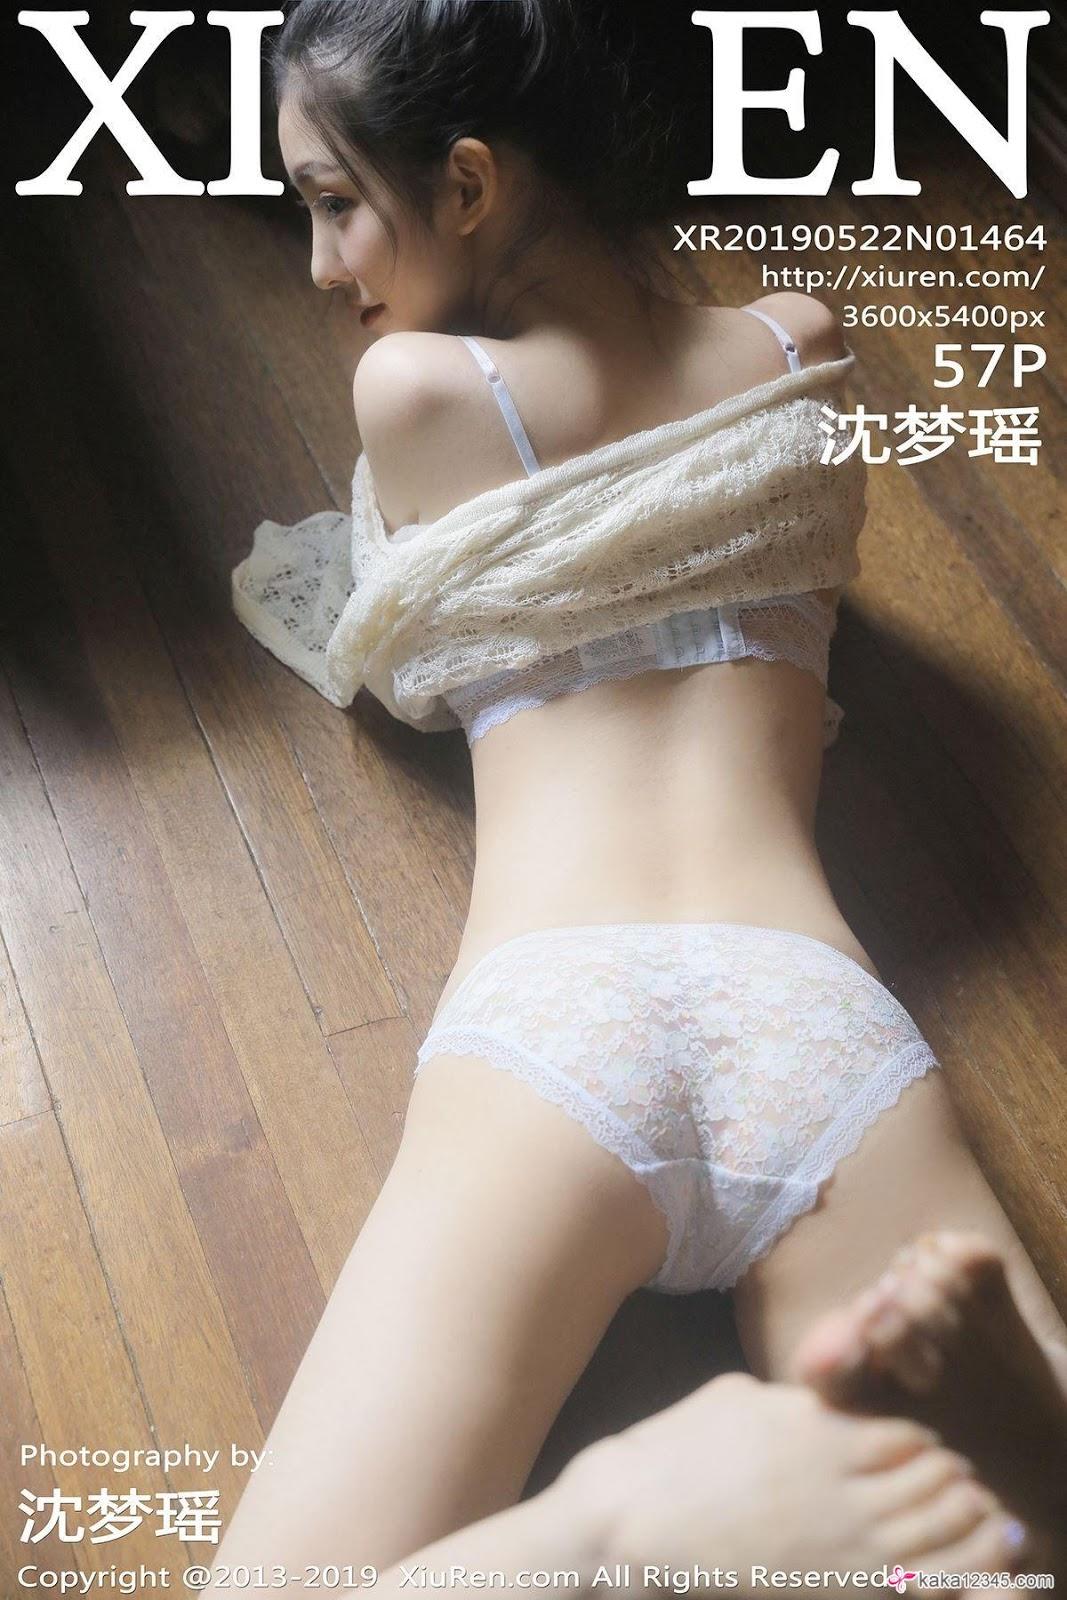 [XIUREN] 2019.05.22 NO.1464 沈梦瑶